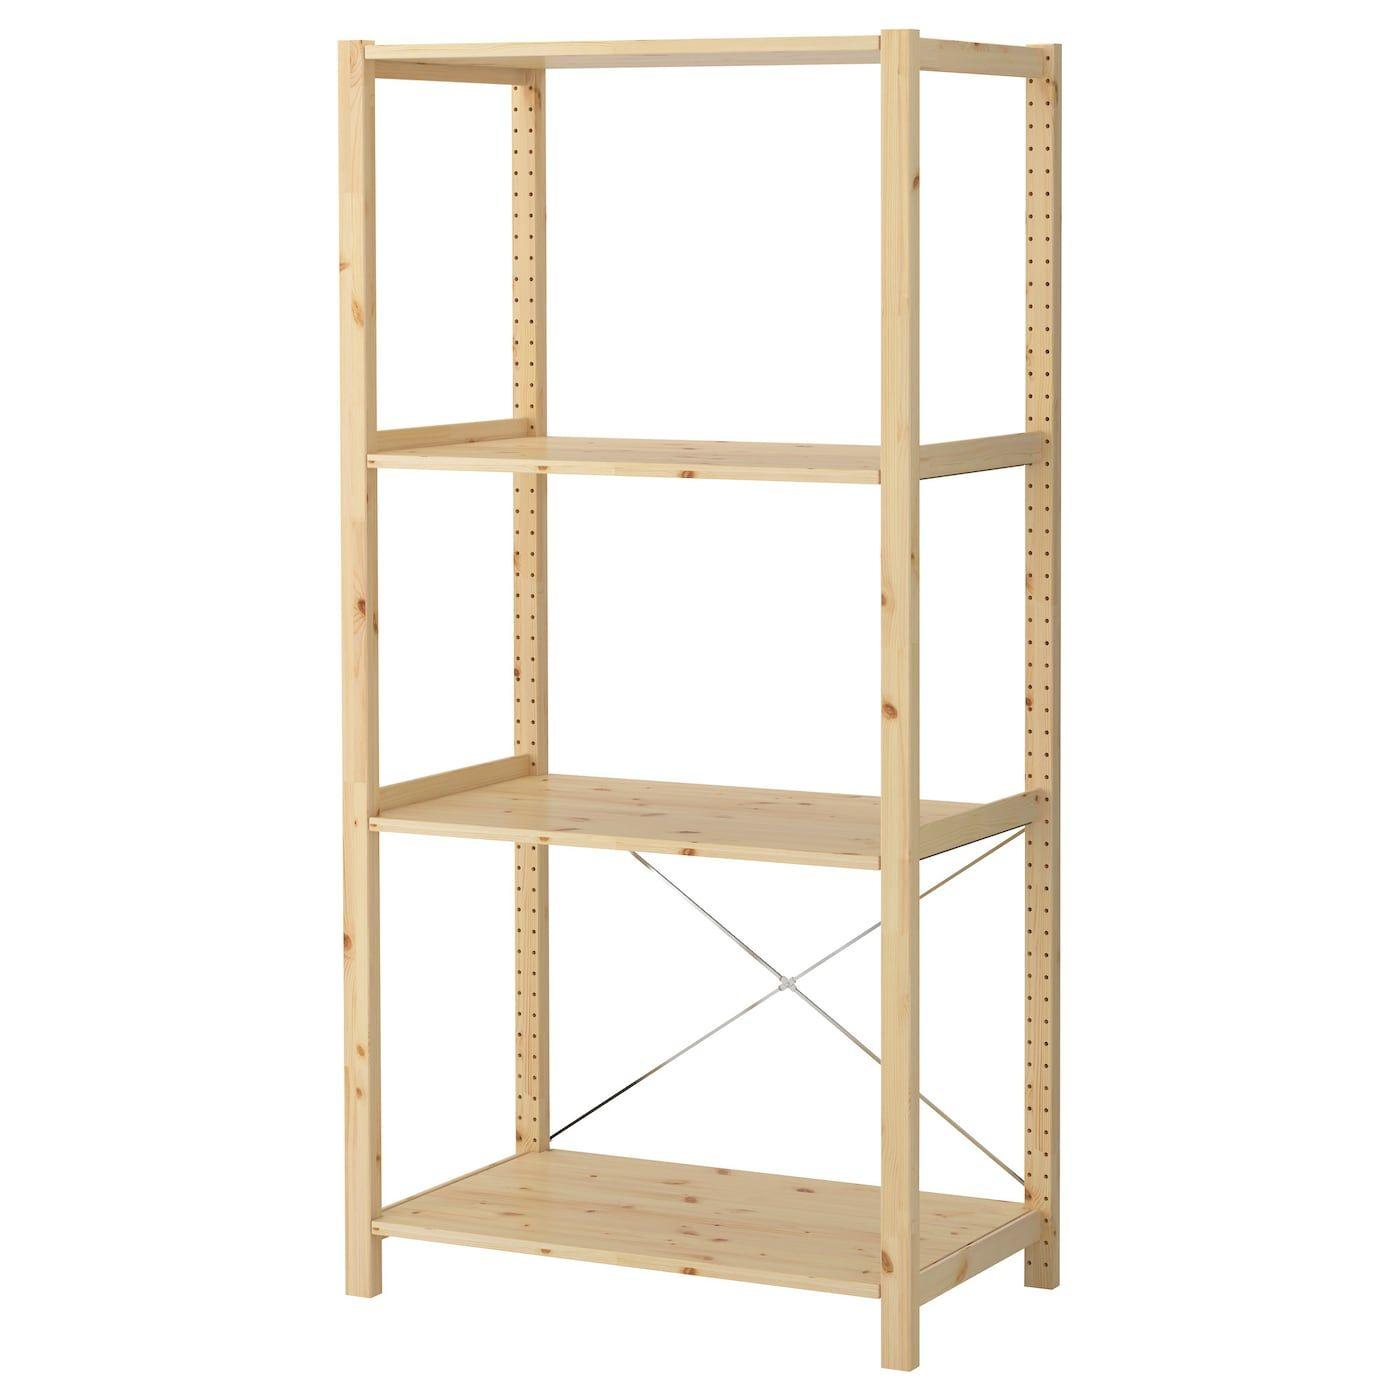 Ikea Ivar Shelving Unit Ikea Ivar Shelving Unit Shelves